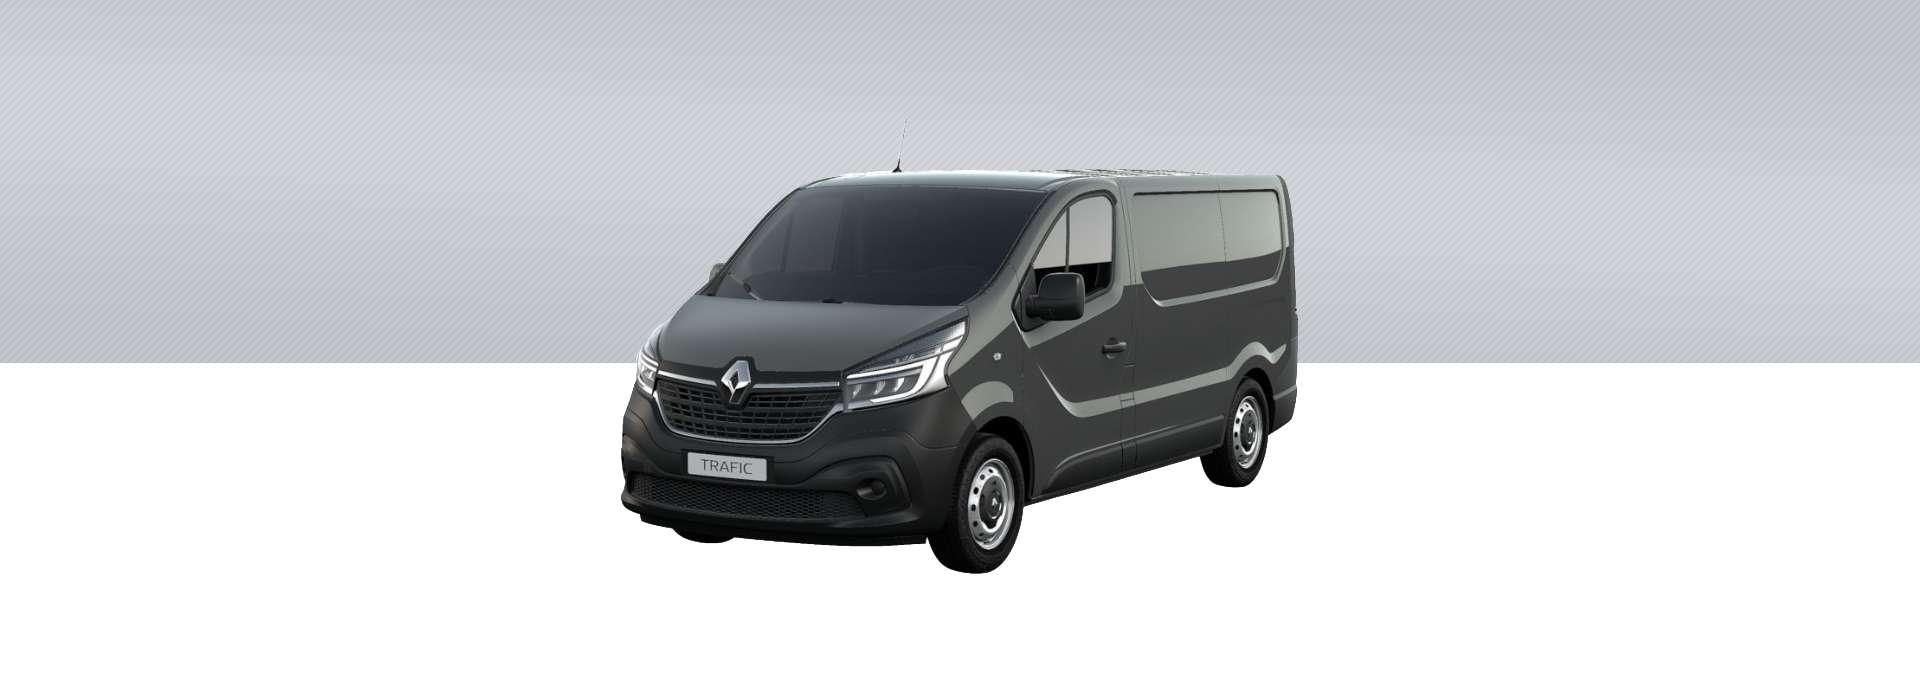 Renault Nuevo Trafic Furgón